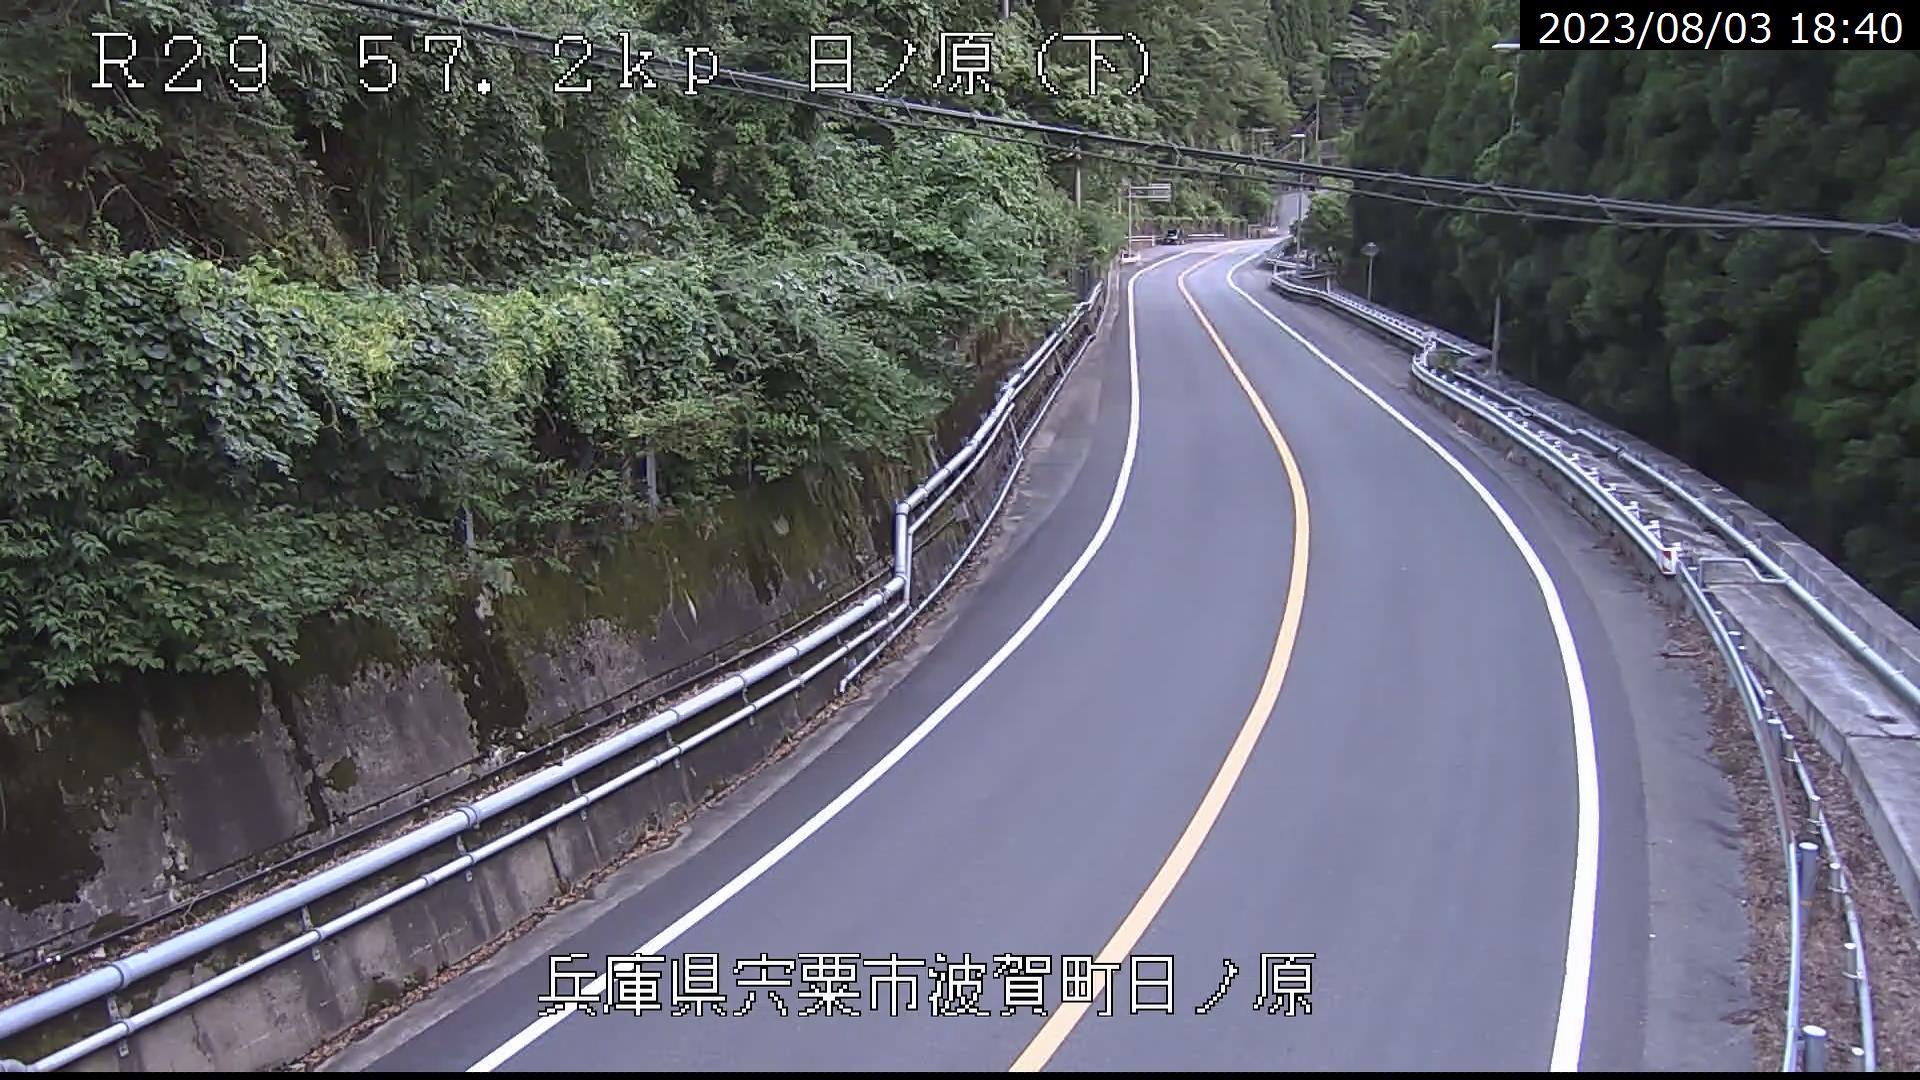 日ノ原の現在のライブカメラ